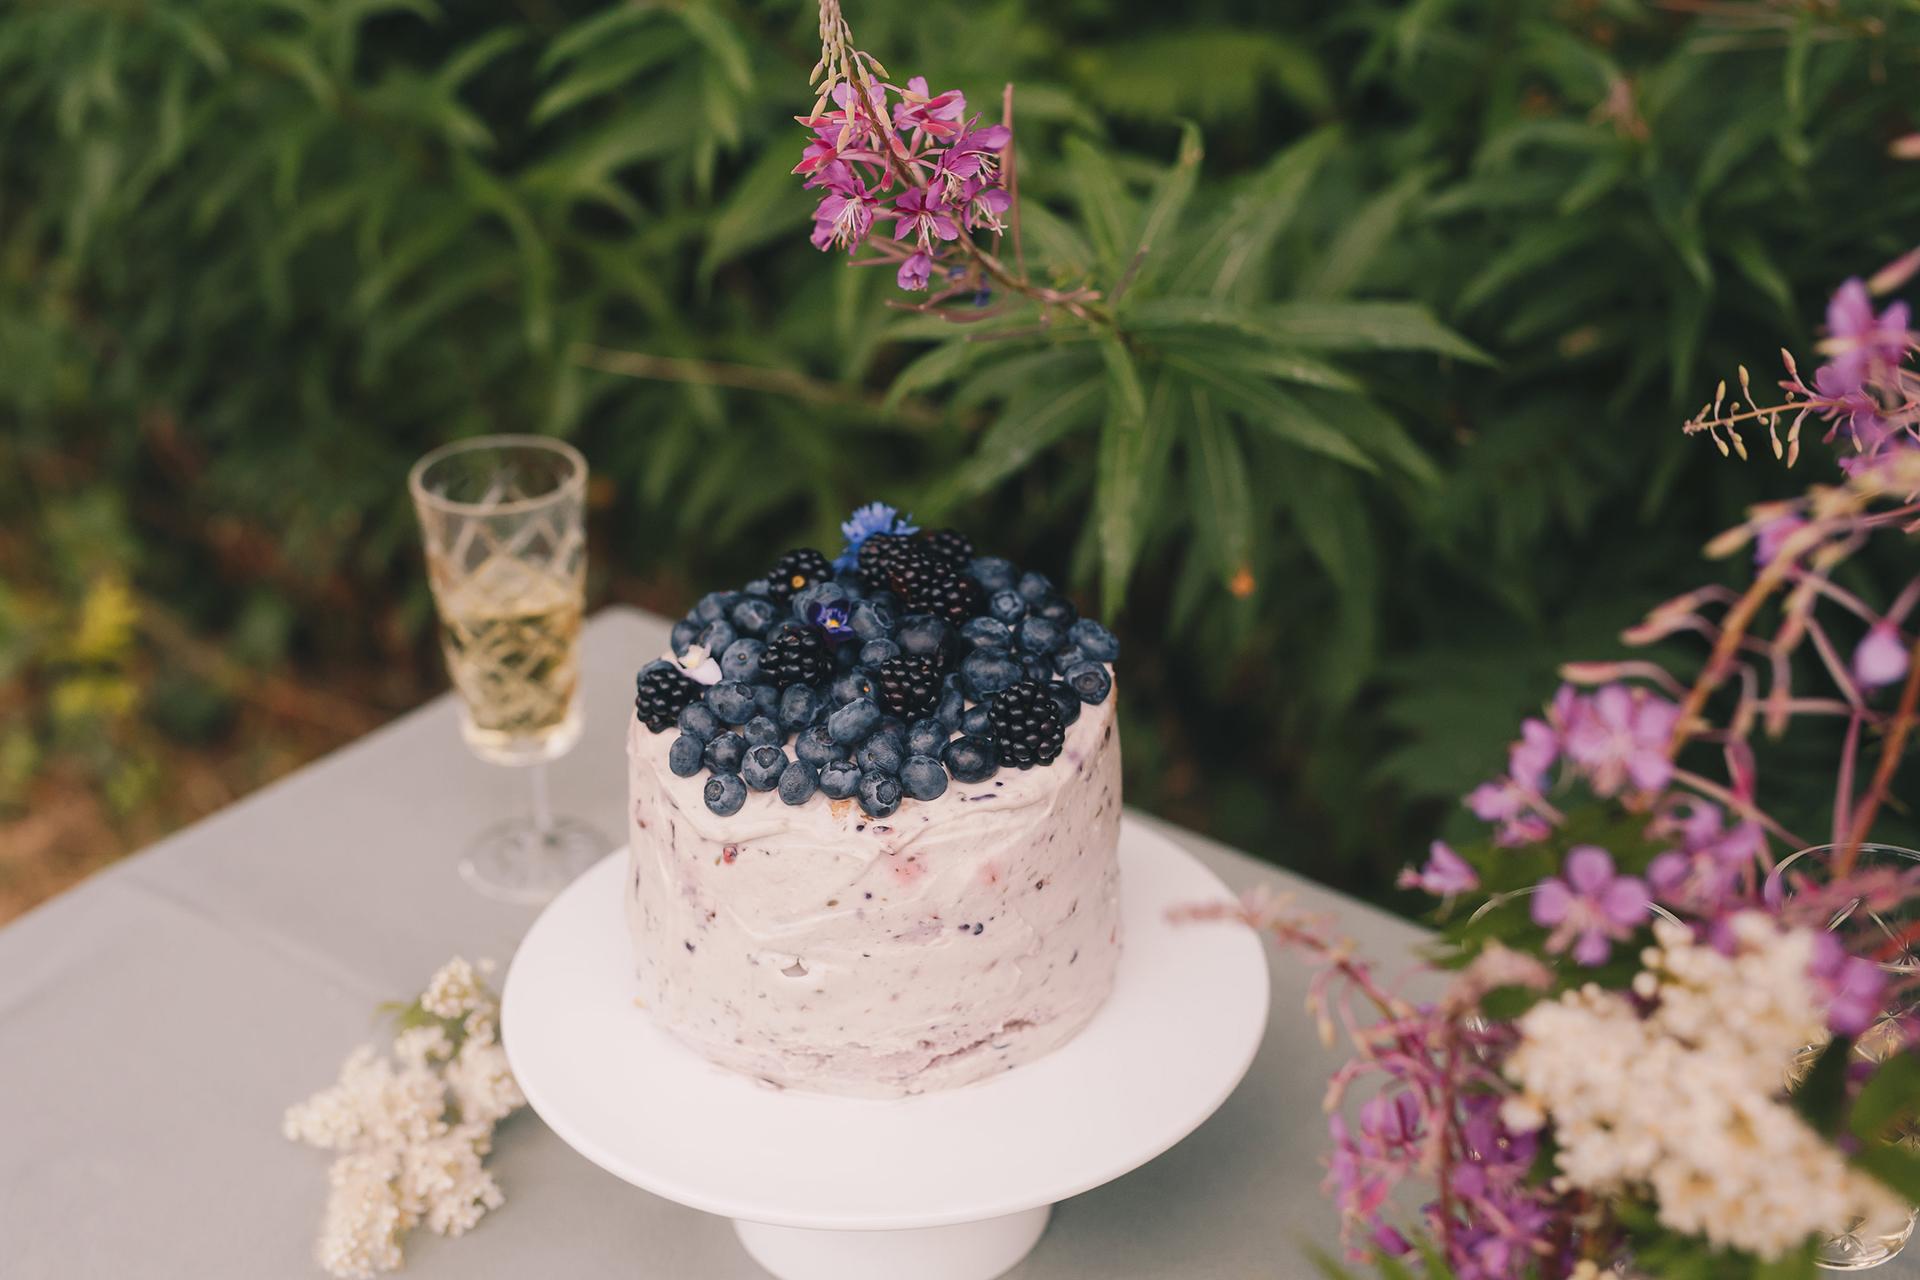 Blauwe bessencheesecake.